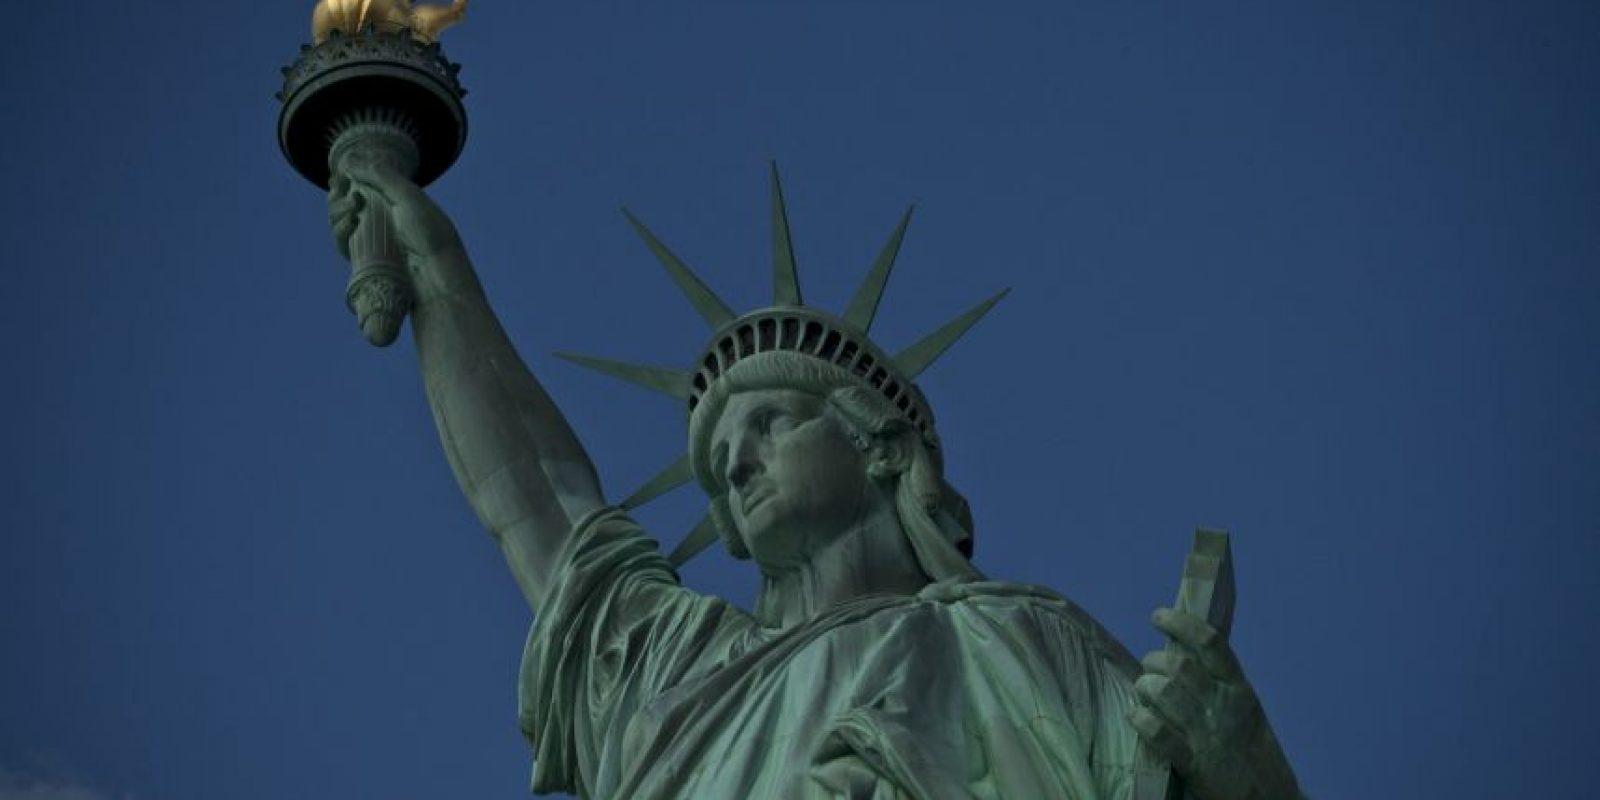 La antorcha es considerada un símbolo del siglo de las luces Foto:Getty Images